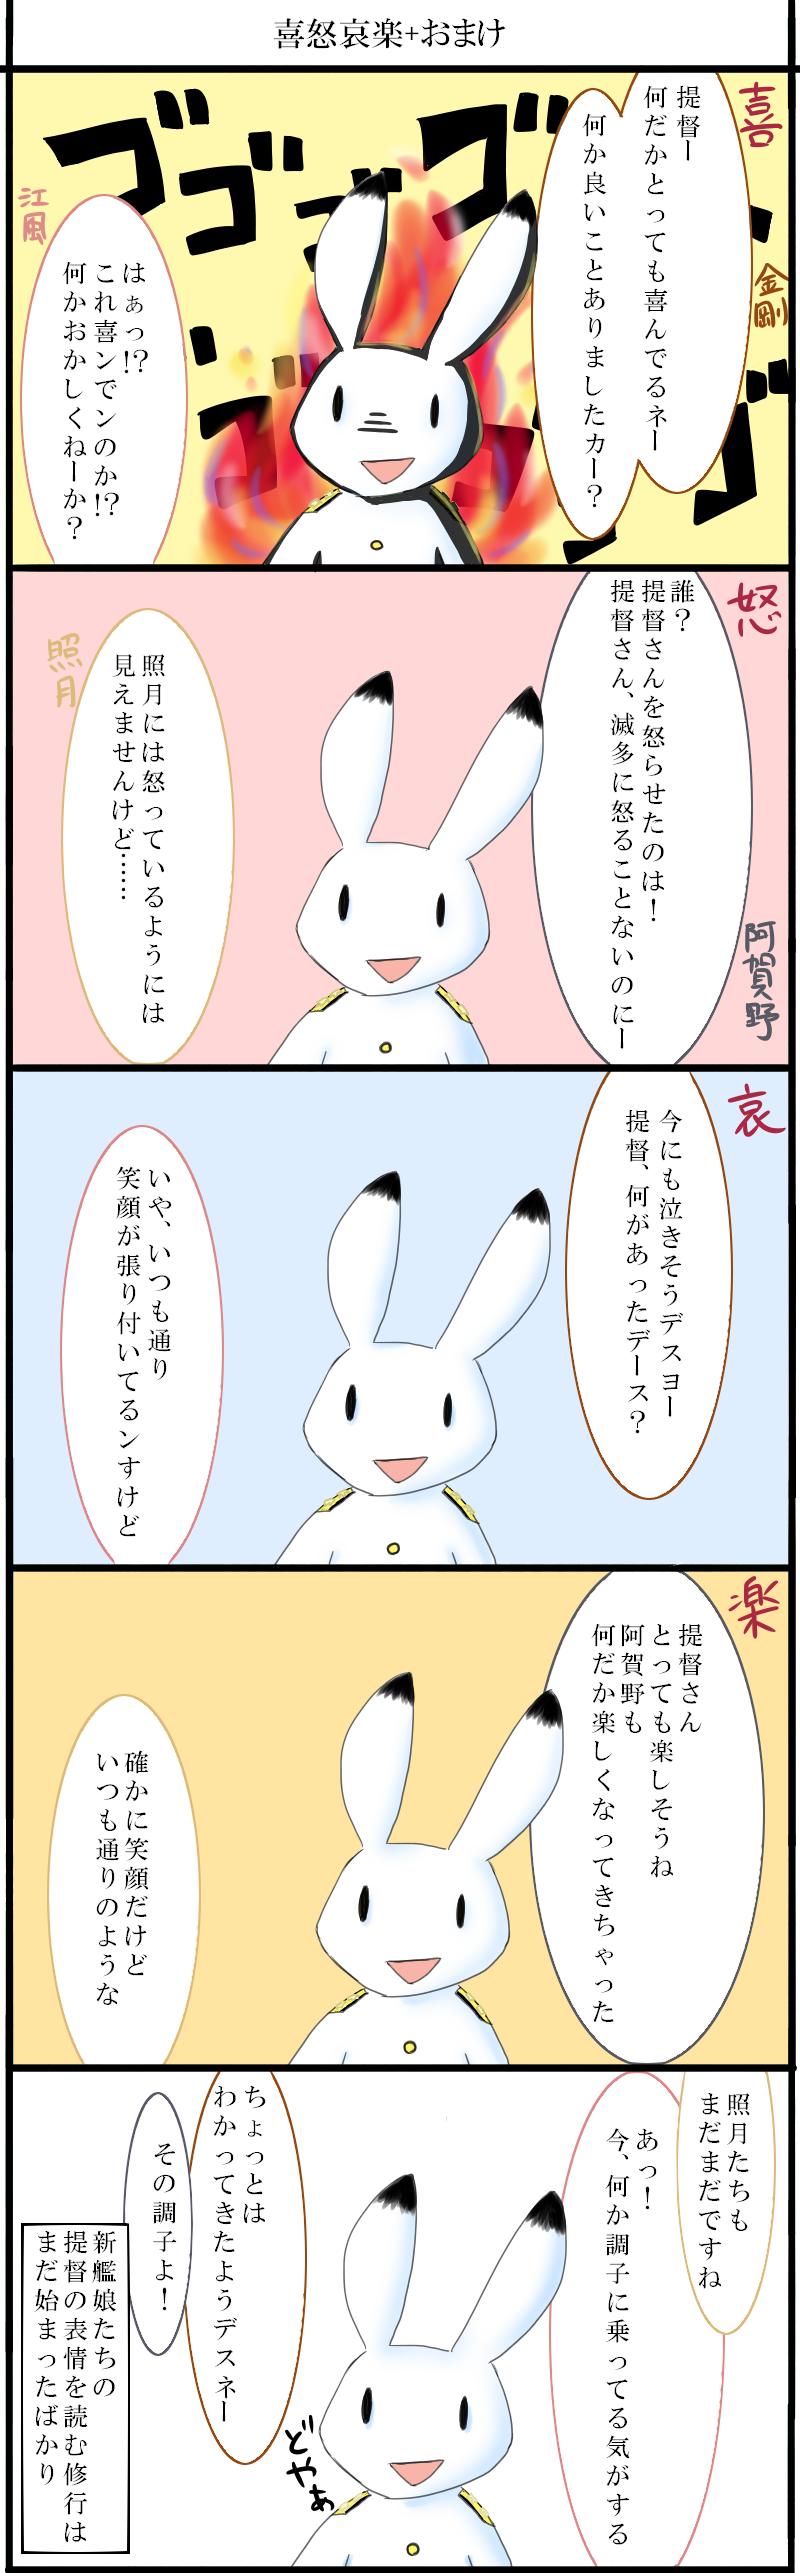 usagi001.png